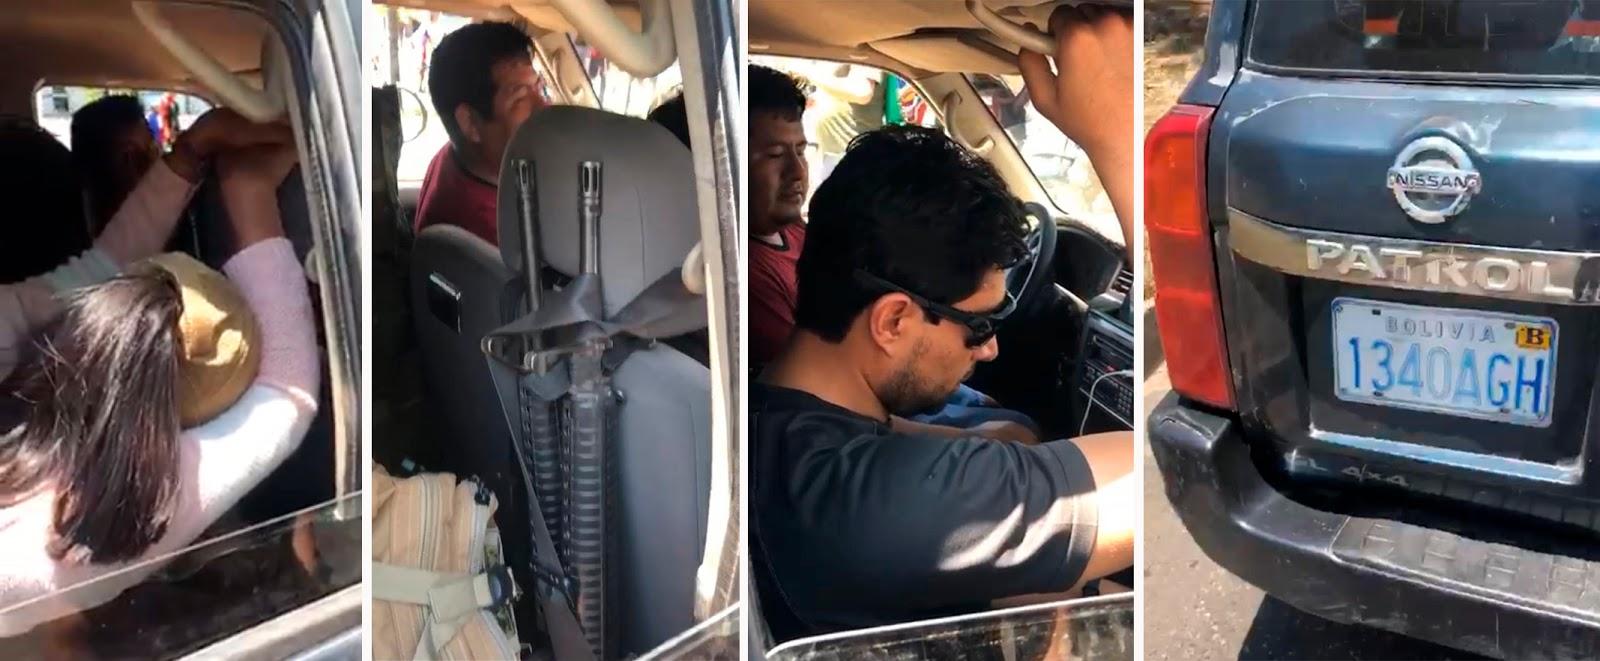 Personas portando armas de grueso calibre en un vehículo con placa asignada como